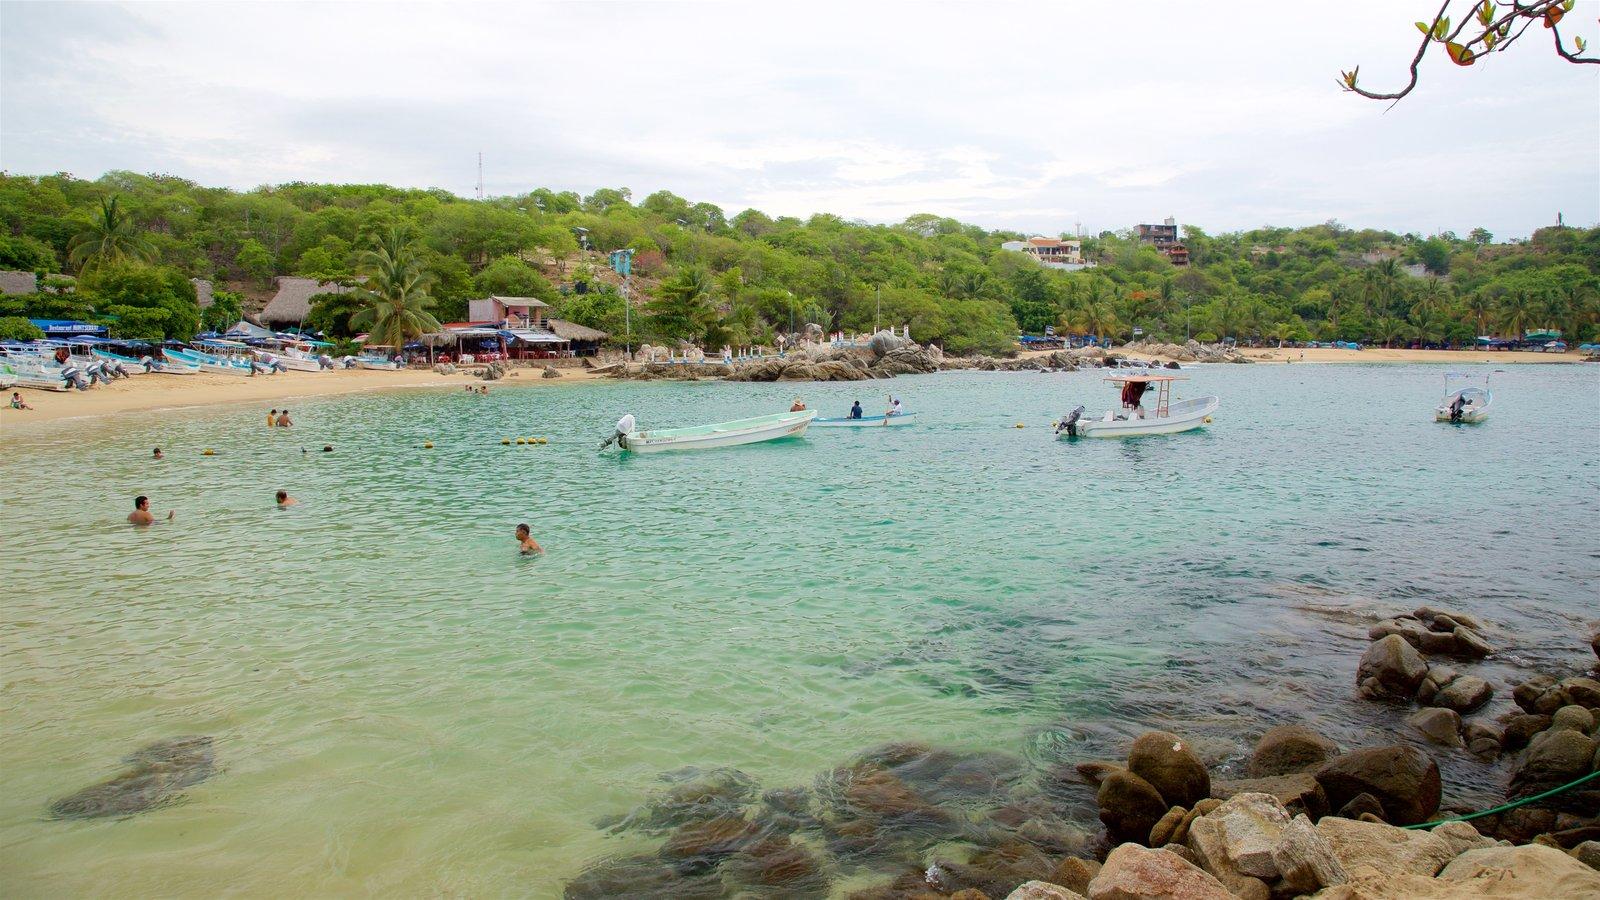 Playa Puerto Angelito que incluye vistas generales de la costa, paseos en lancha y una playa de arena